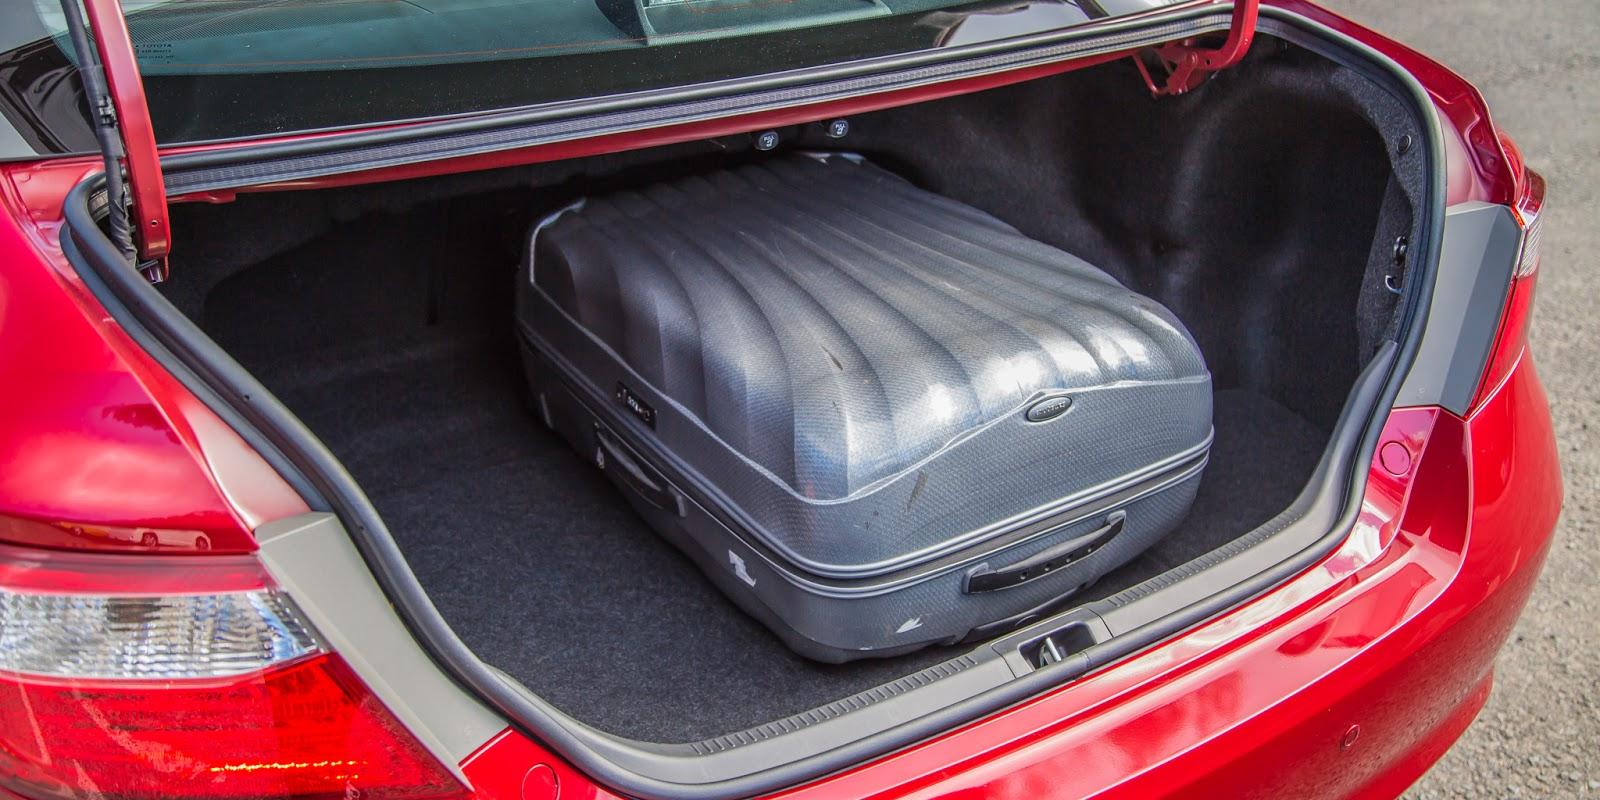 Khoang chứa đồ rất rộng rãi, có thể chở được rất nhiều đồ, thông với ghế sau